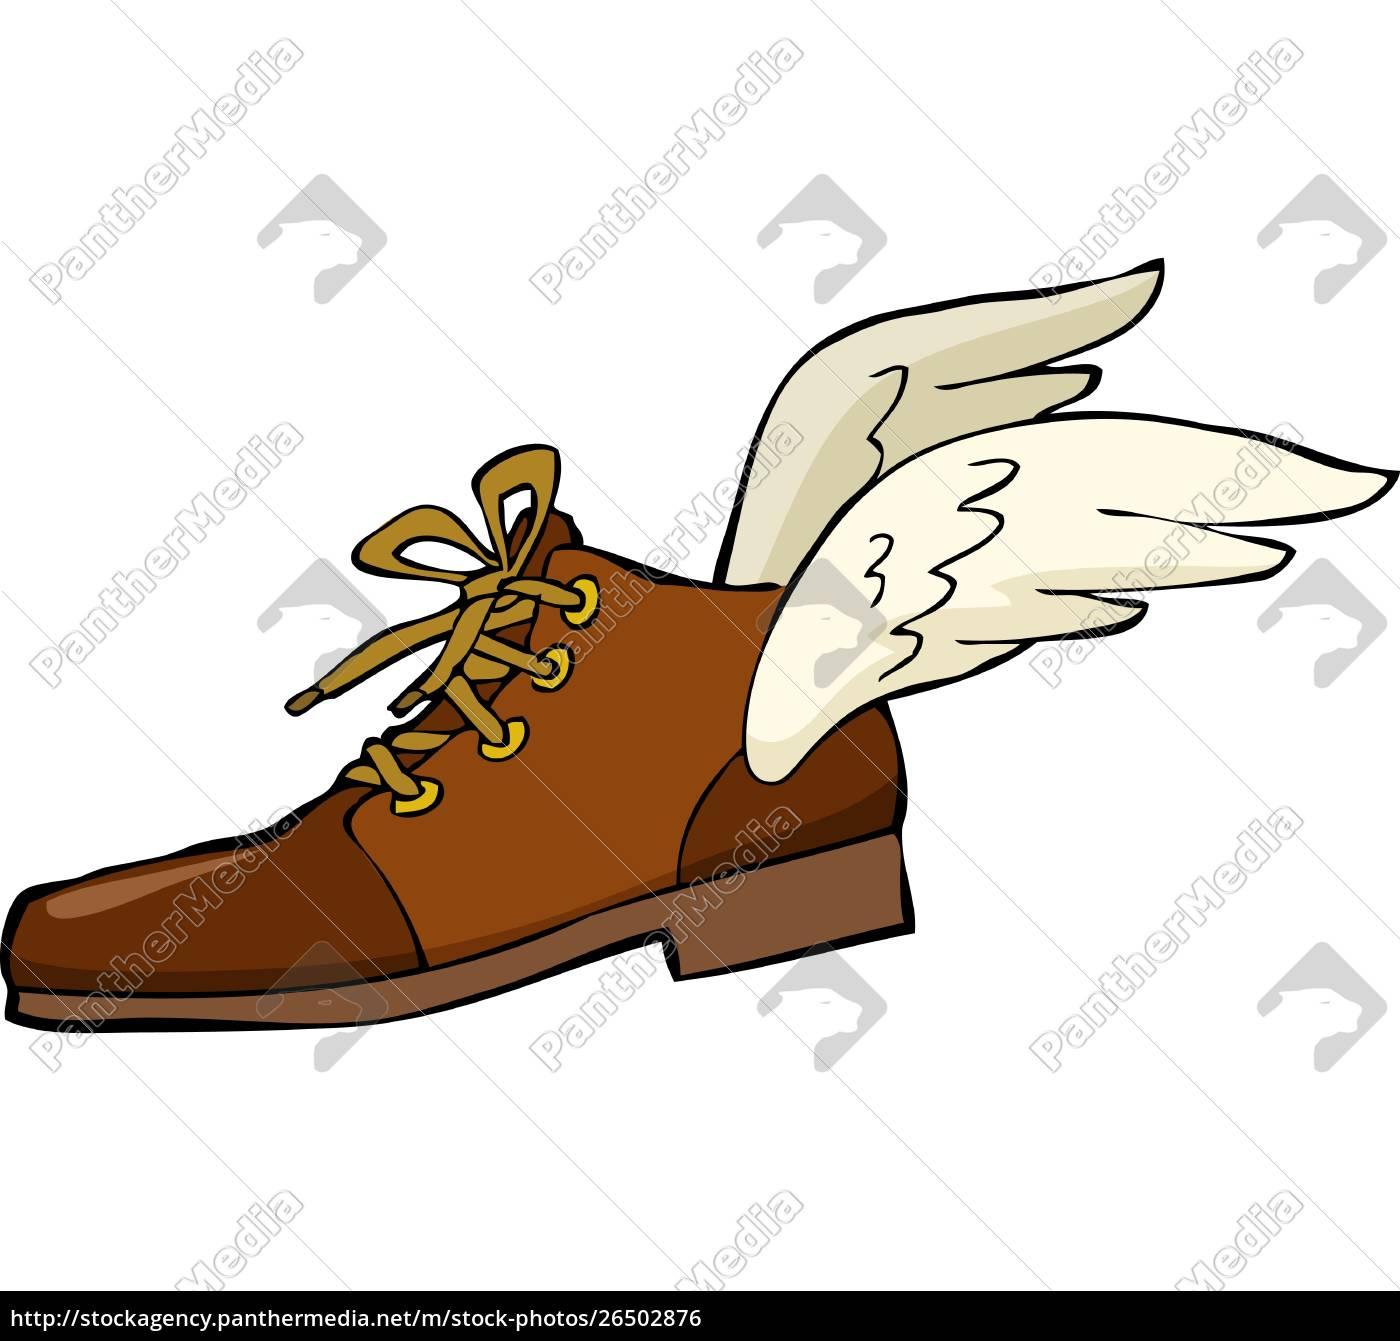 sko, hos, vinger, på, en, hvid, baggrund, vector-illustration - 26502876